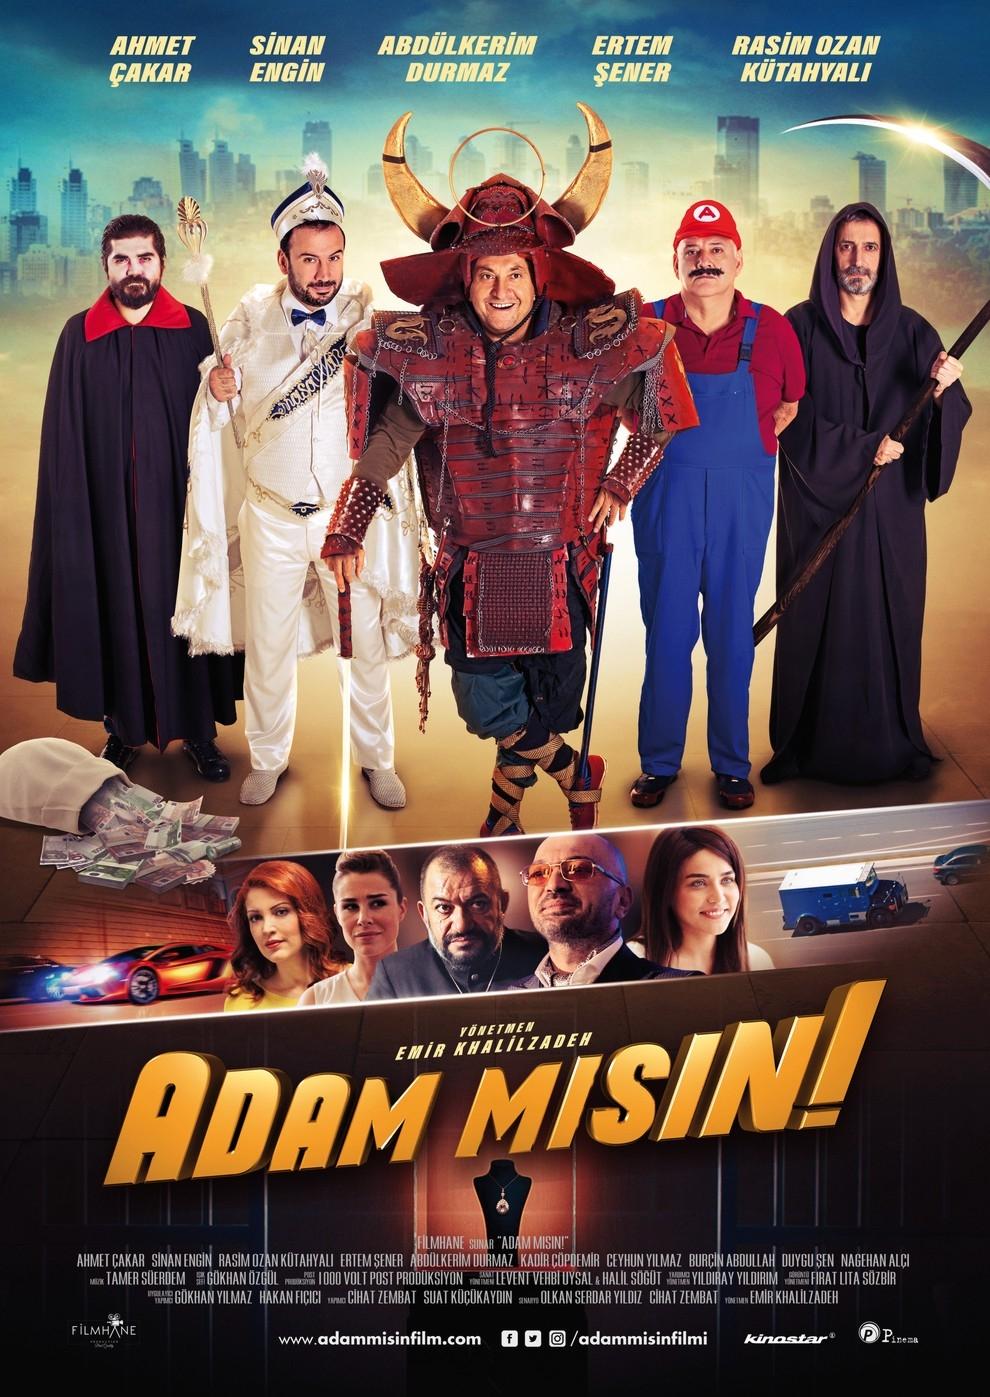 Adam misin! (Poster)